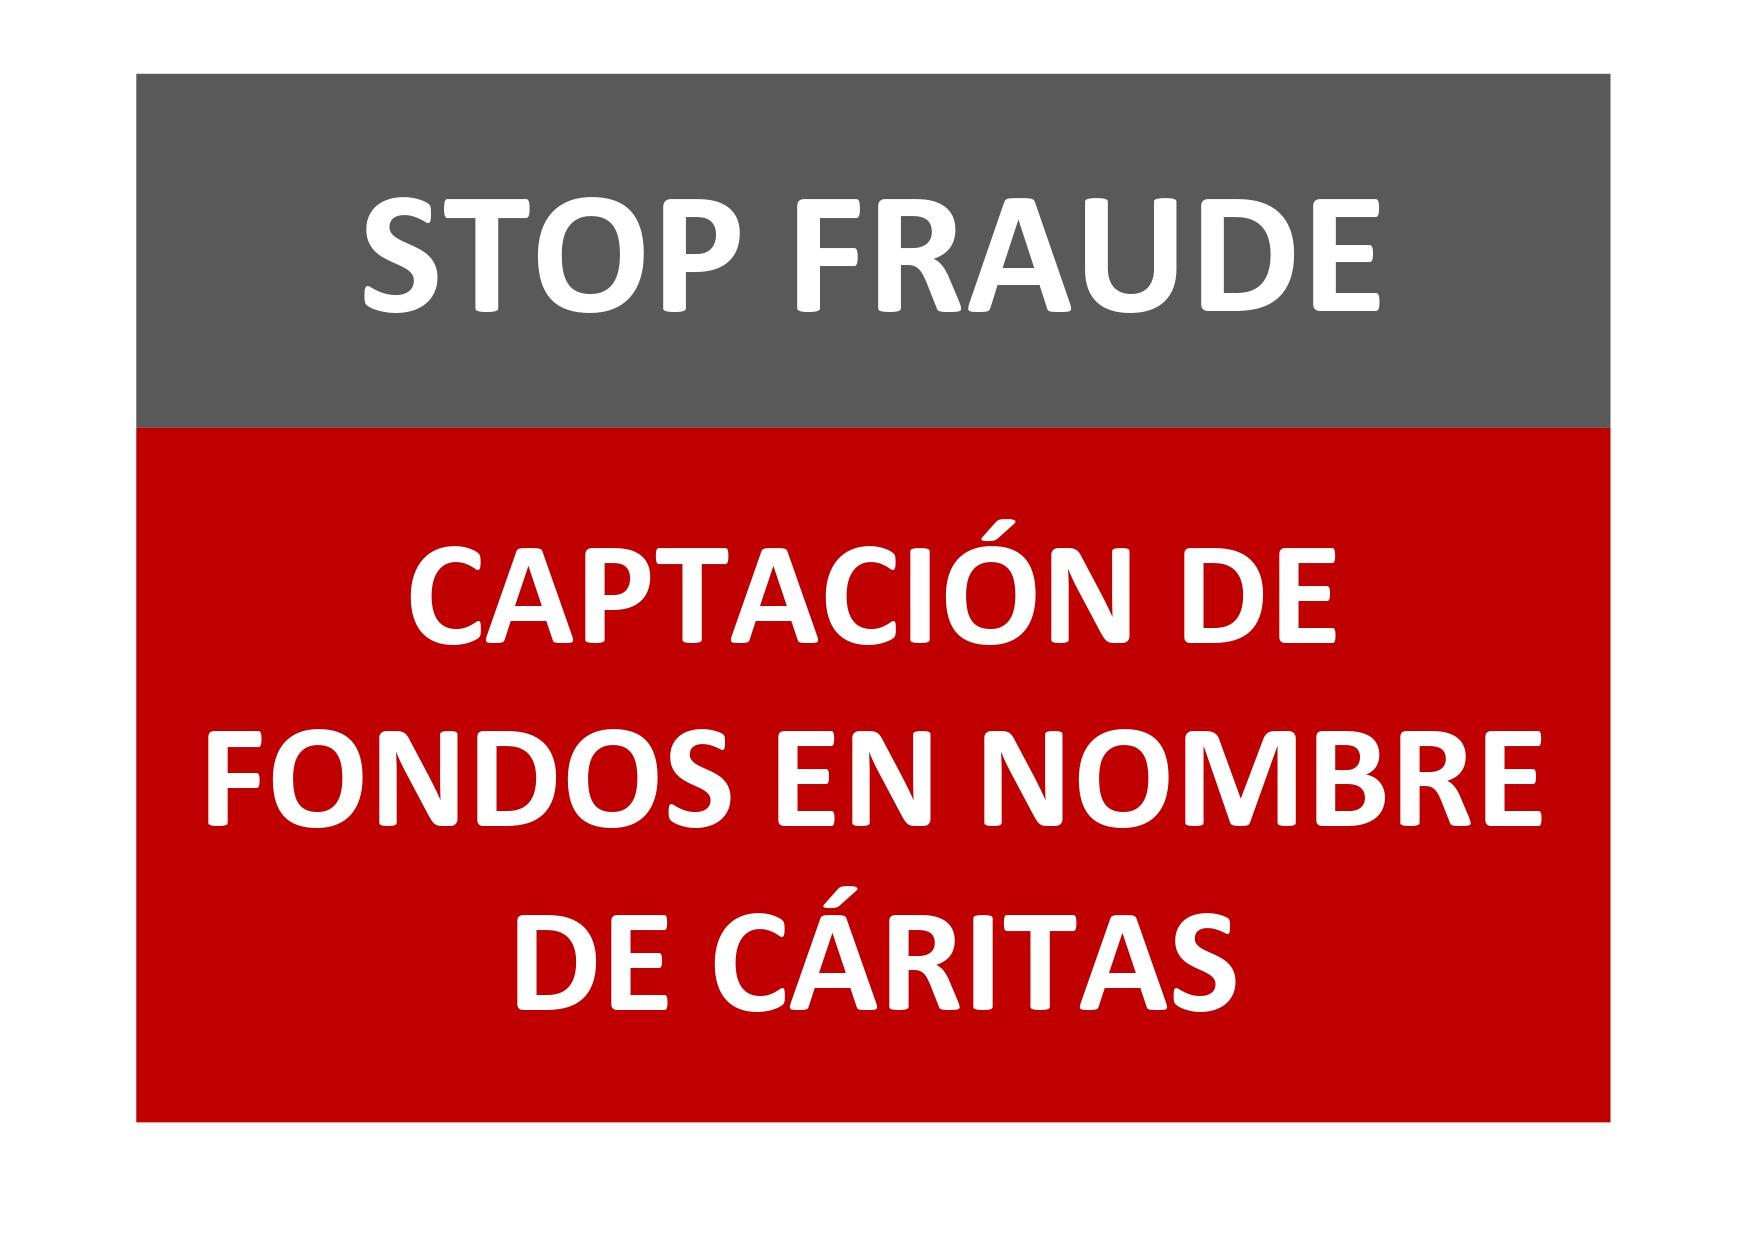 Caritas de Granada alerta de una petición fraudulenta de fondos en su nombre